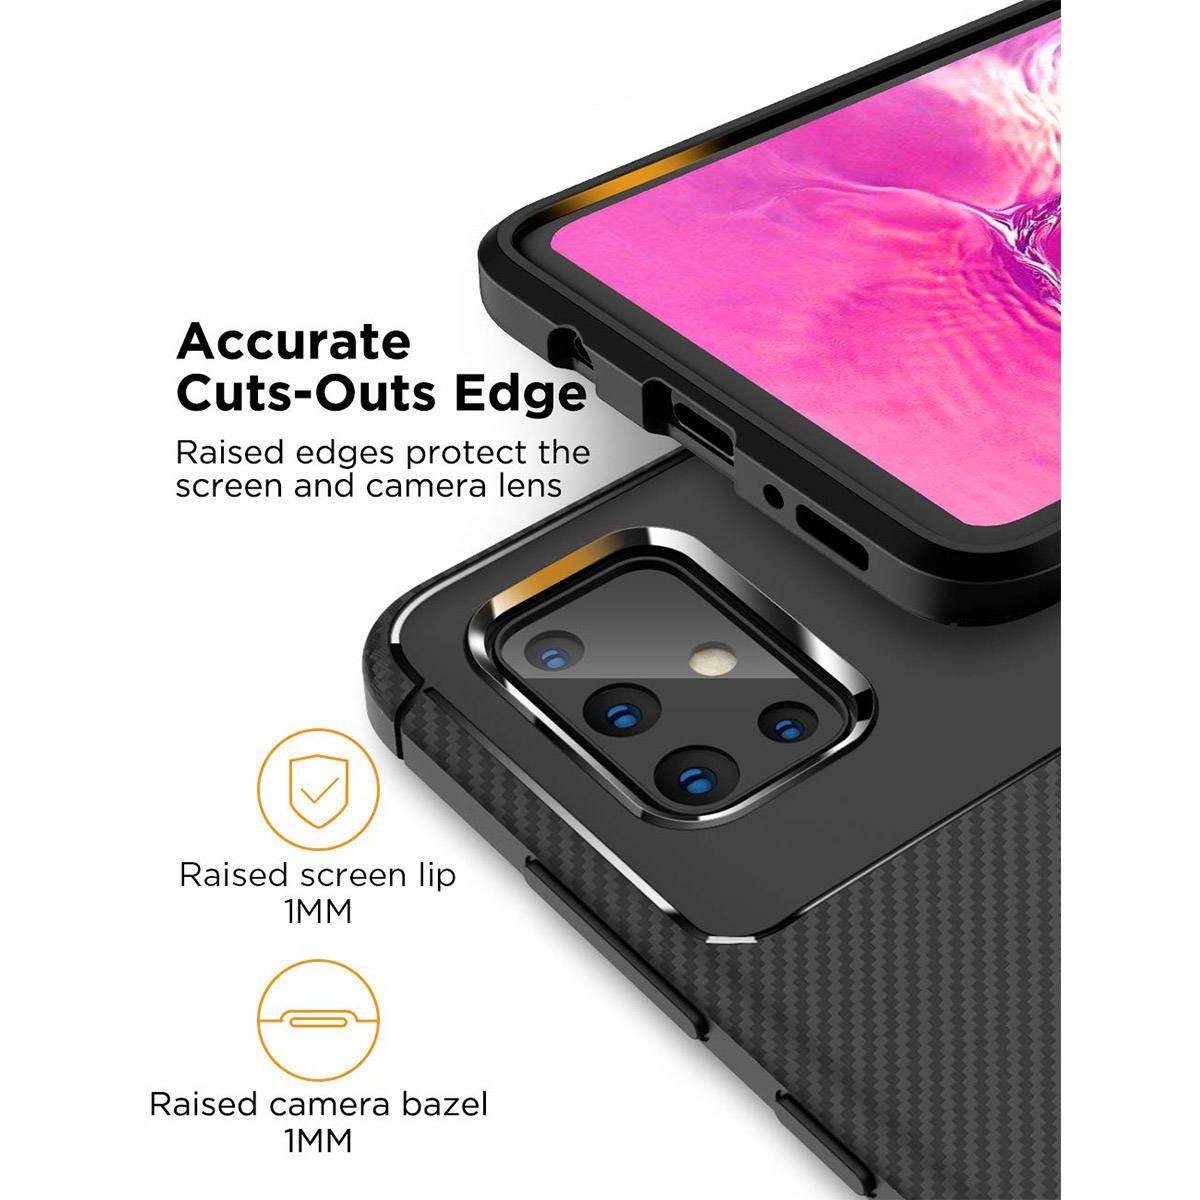 کاور لاین کینگ مدل A21 مناسب برای گوشی موبایل سامسونگ Galaxy A71 thumb 2 18